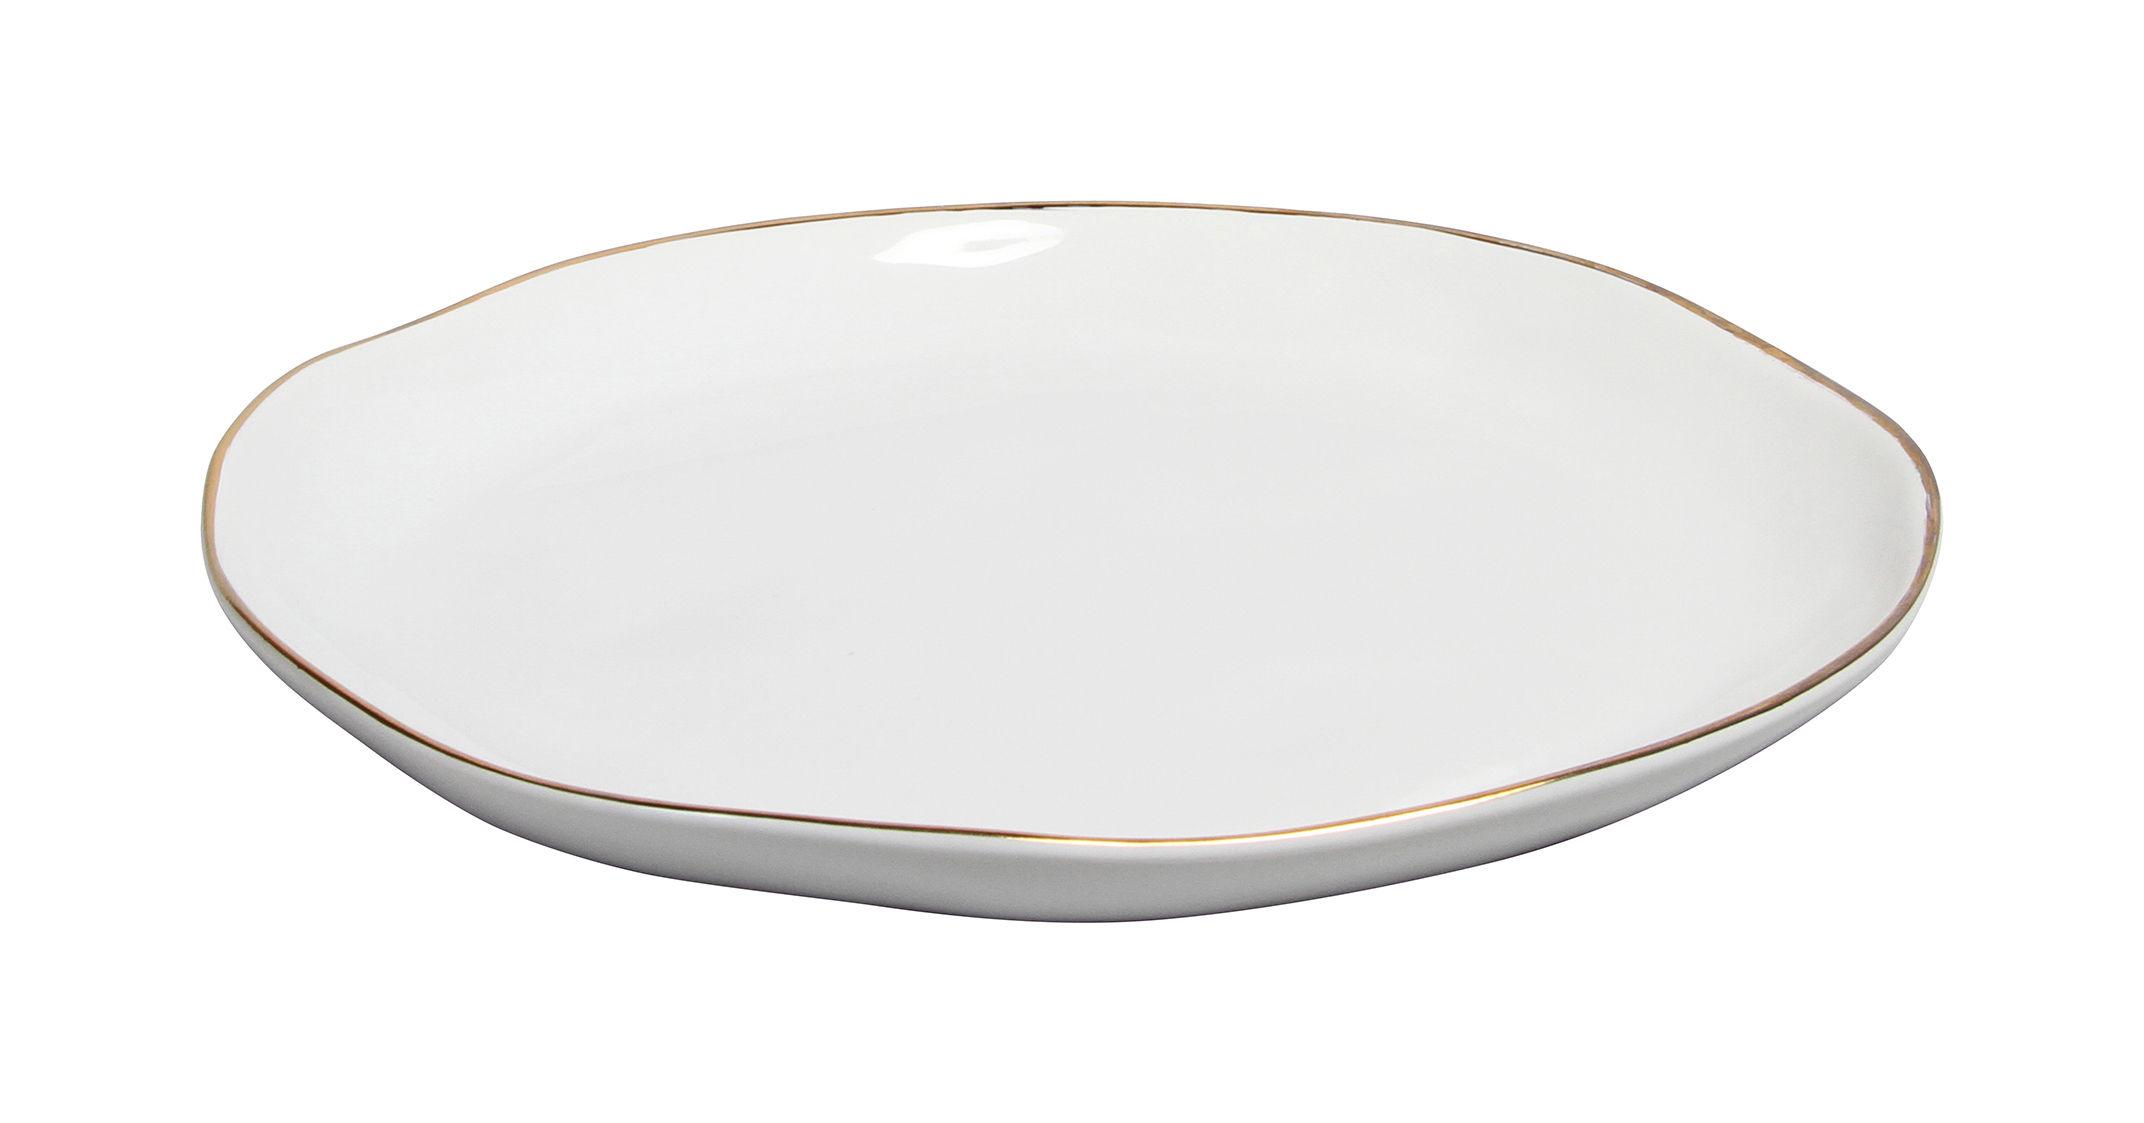 Arts de la table - Assiettes - Assiette / Porcelaine - Liseré or - & klevering - Blanc / Bord doré - Porcelaine